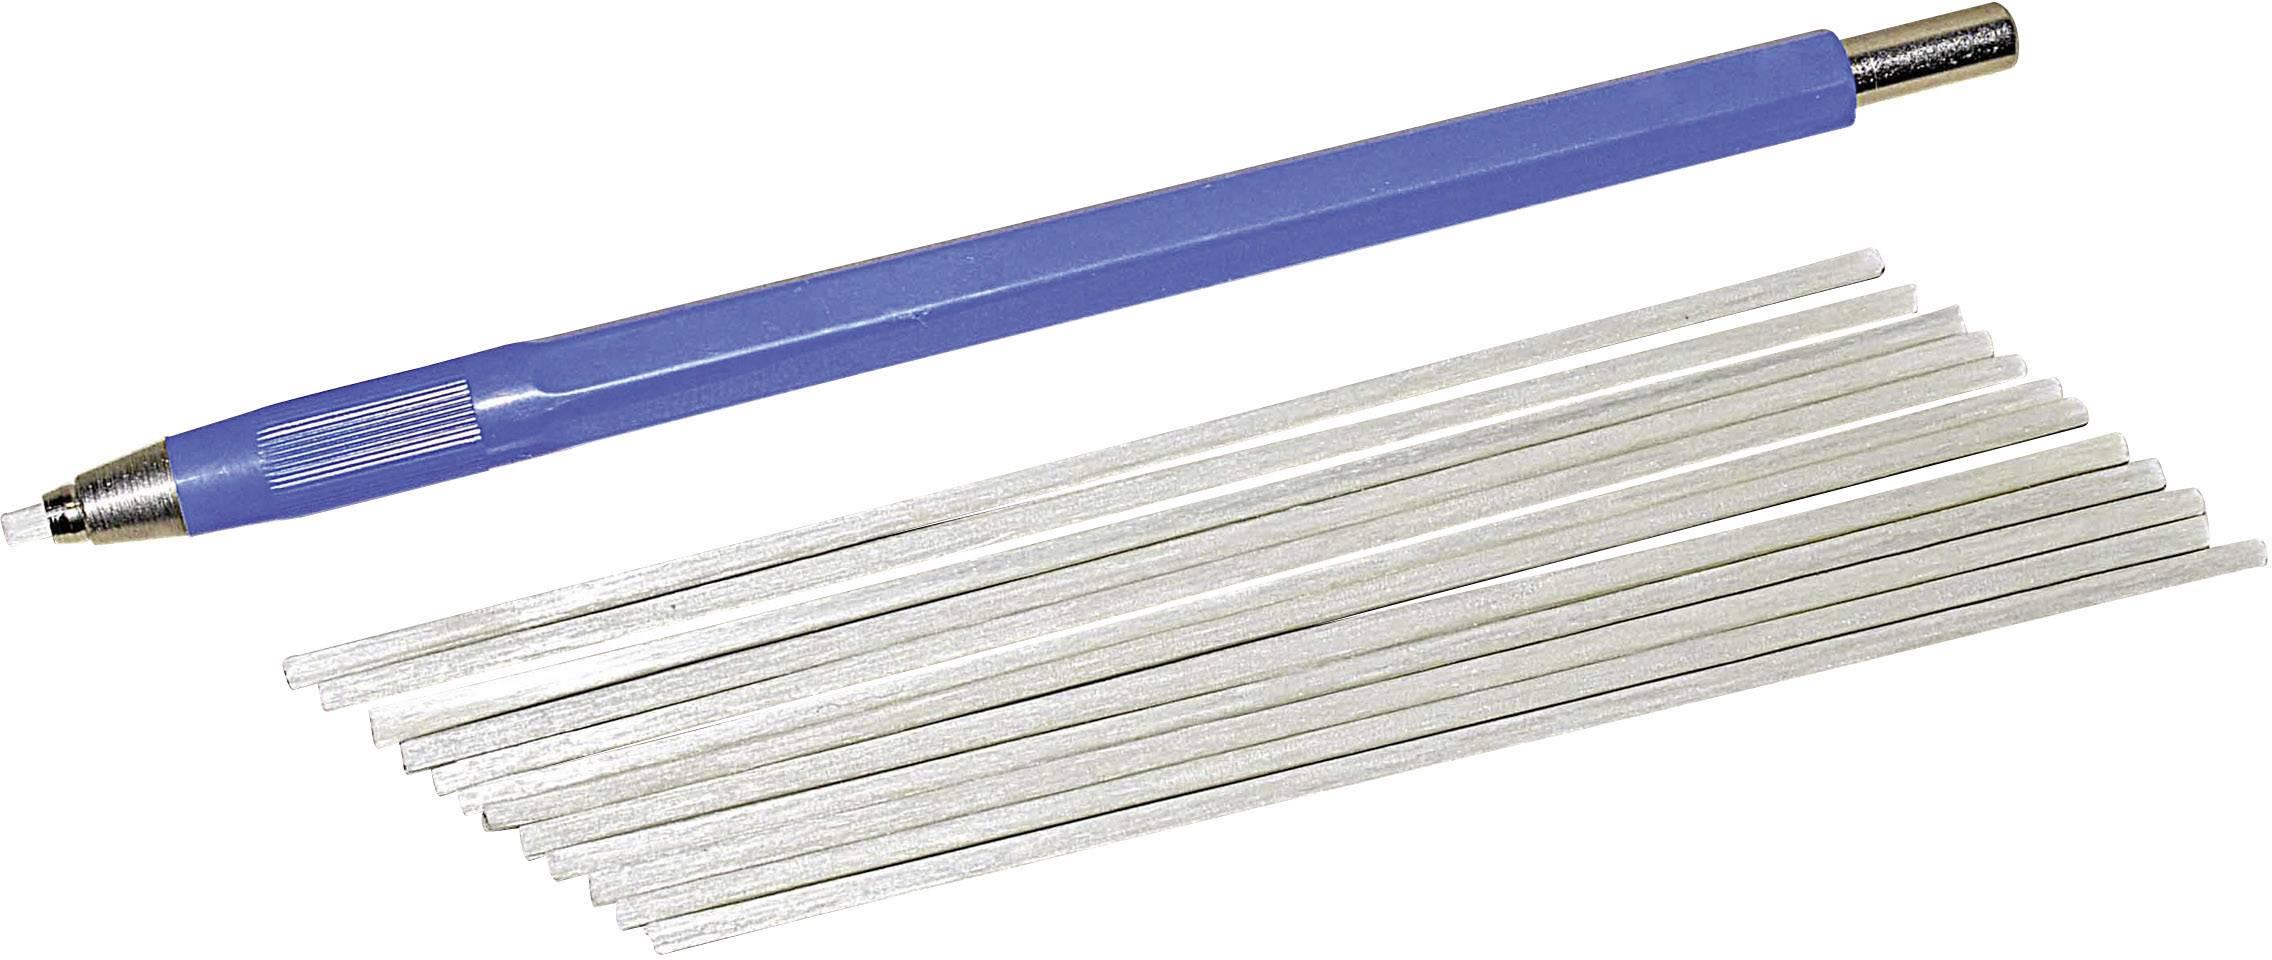 Brusná tužka + štětec ze skleněných vláken 2 mm - 12 ks